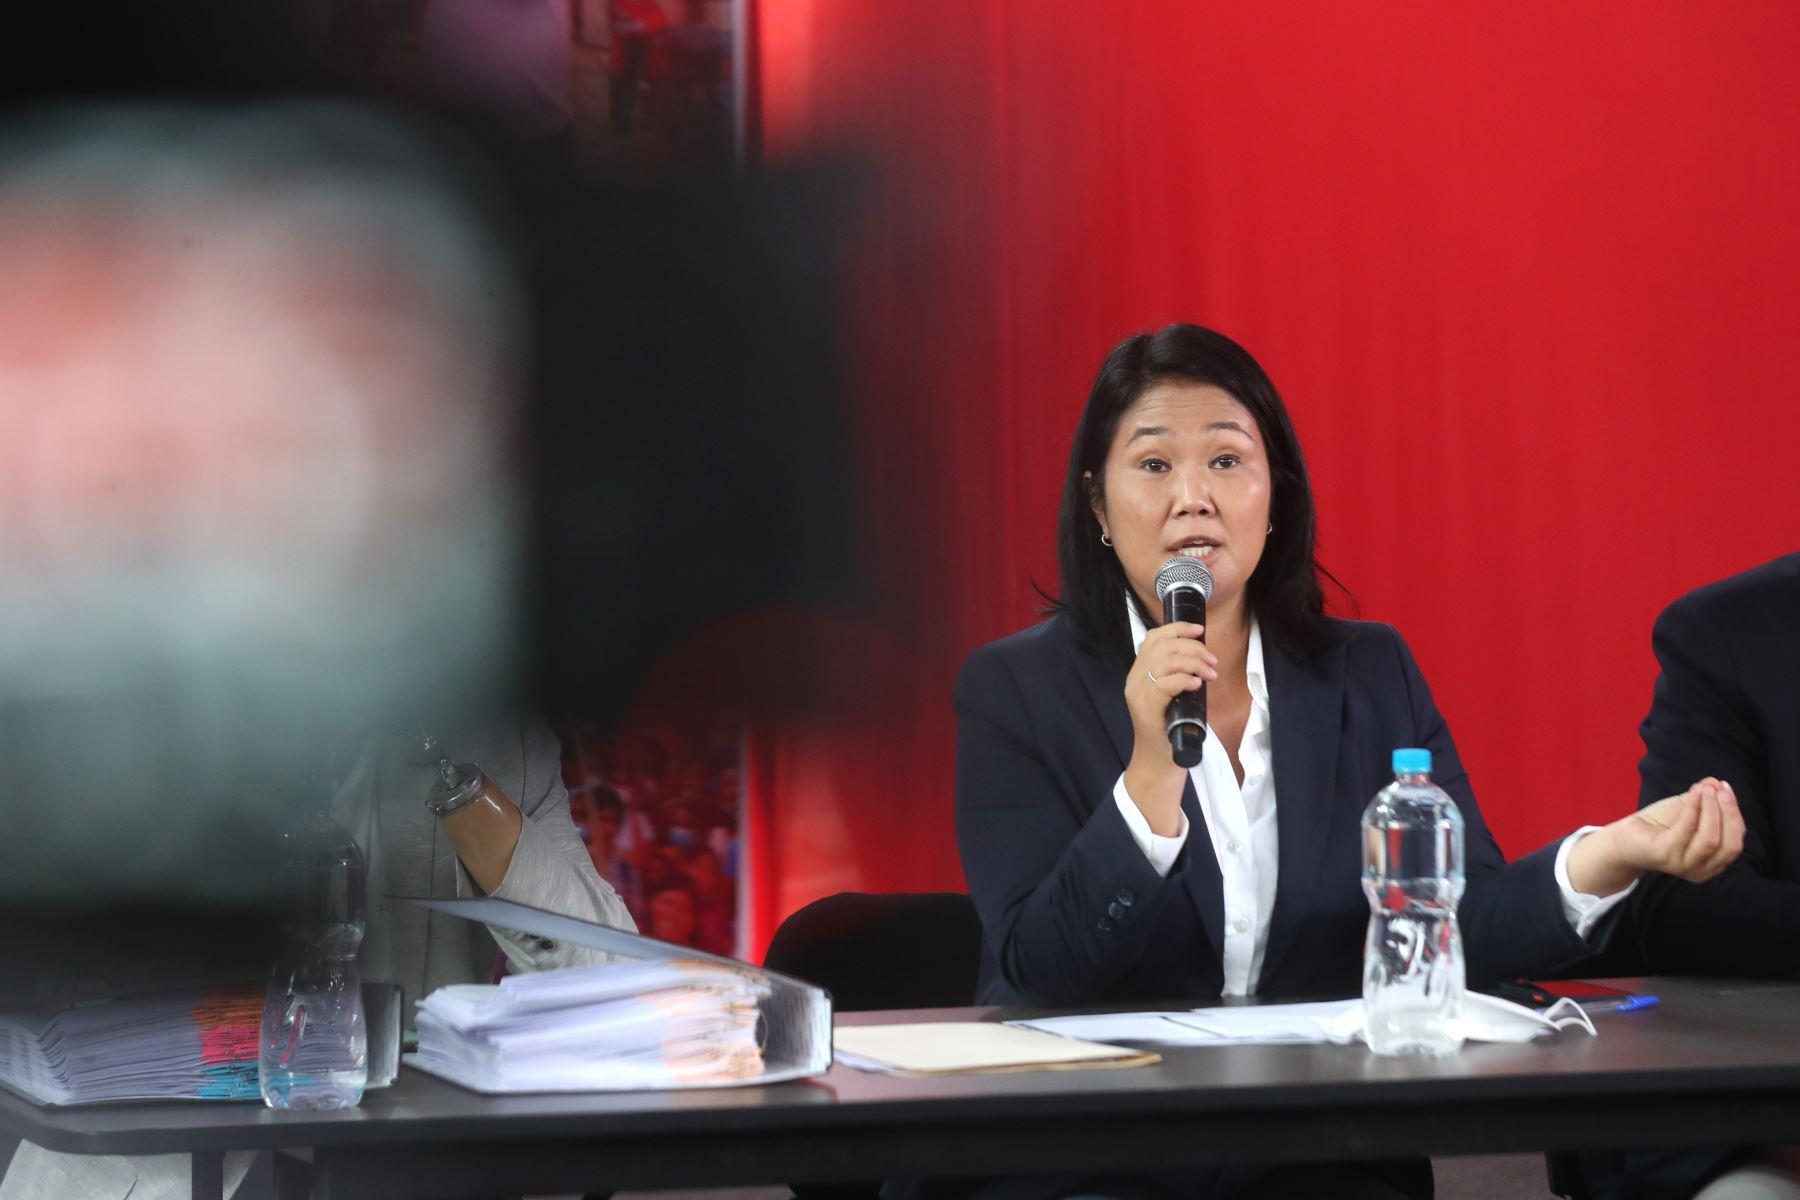 Conferencia de prensa de la candidata a la presidencia, Keiko Fujimori, junto con sus abogados, Lourdes Flores Nano y Virgilio Hurtado. Foto: ANDINA/ Carla Patiño